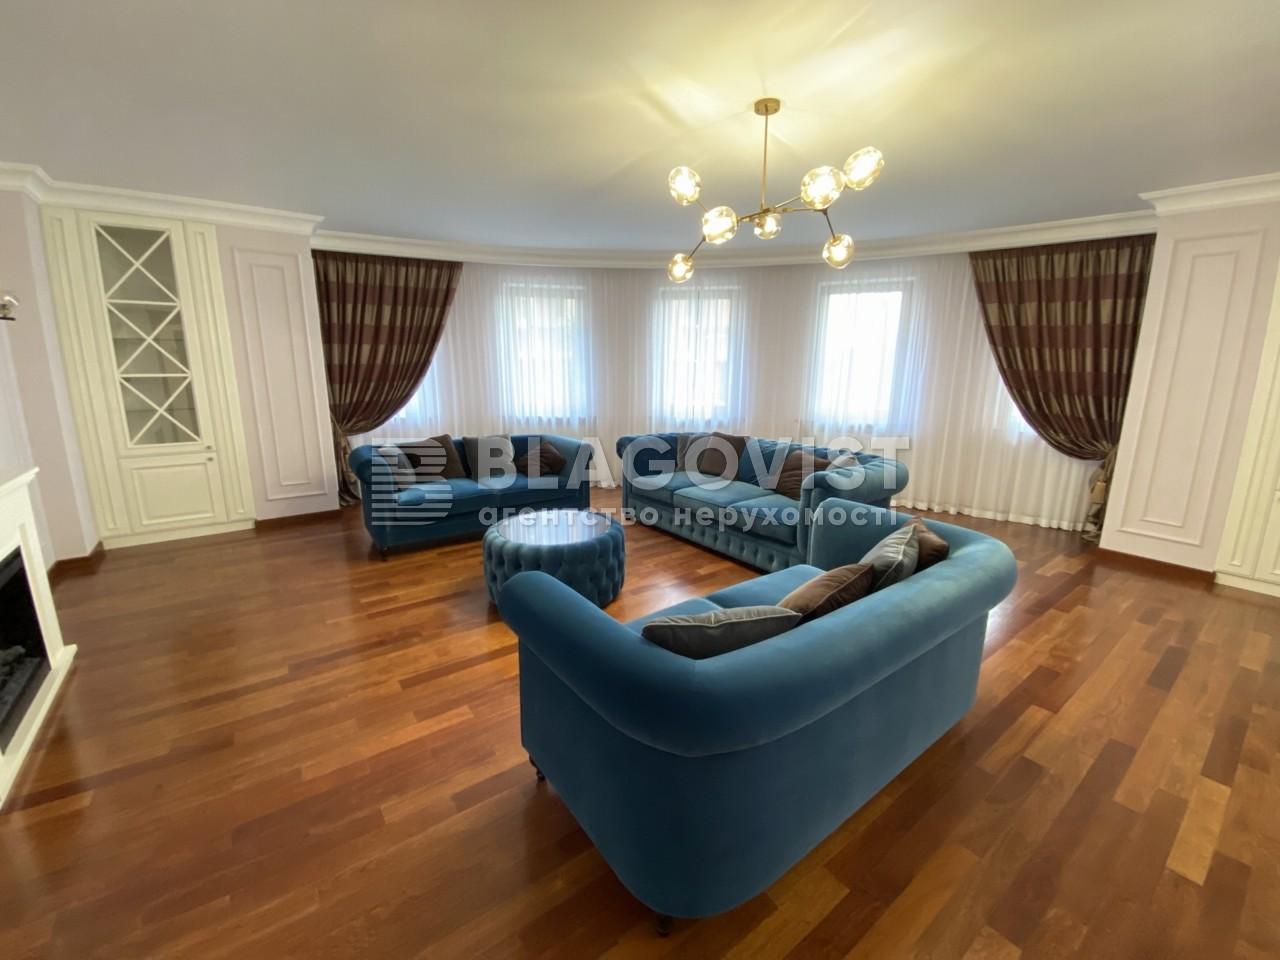 Квартира H-49061, Старонаводницкая, 13, Киев - Фото 10